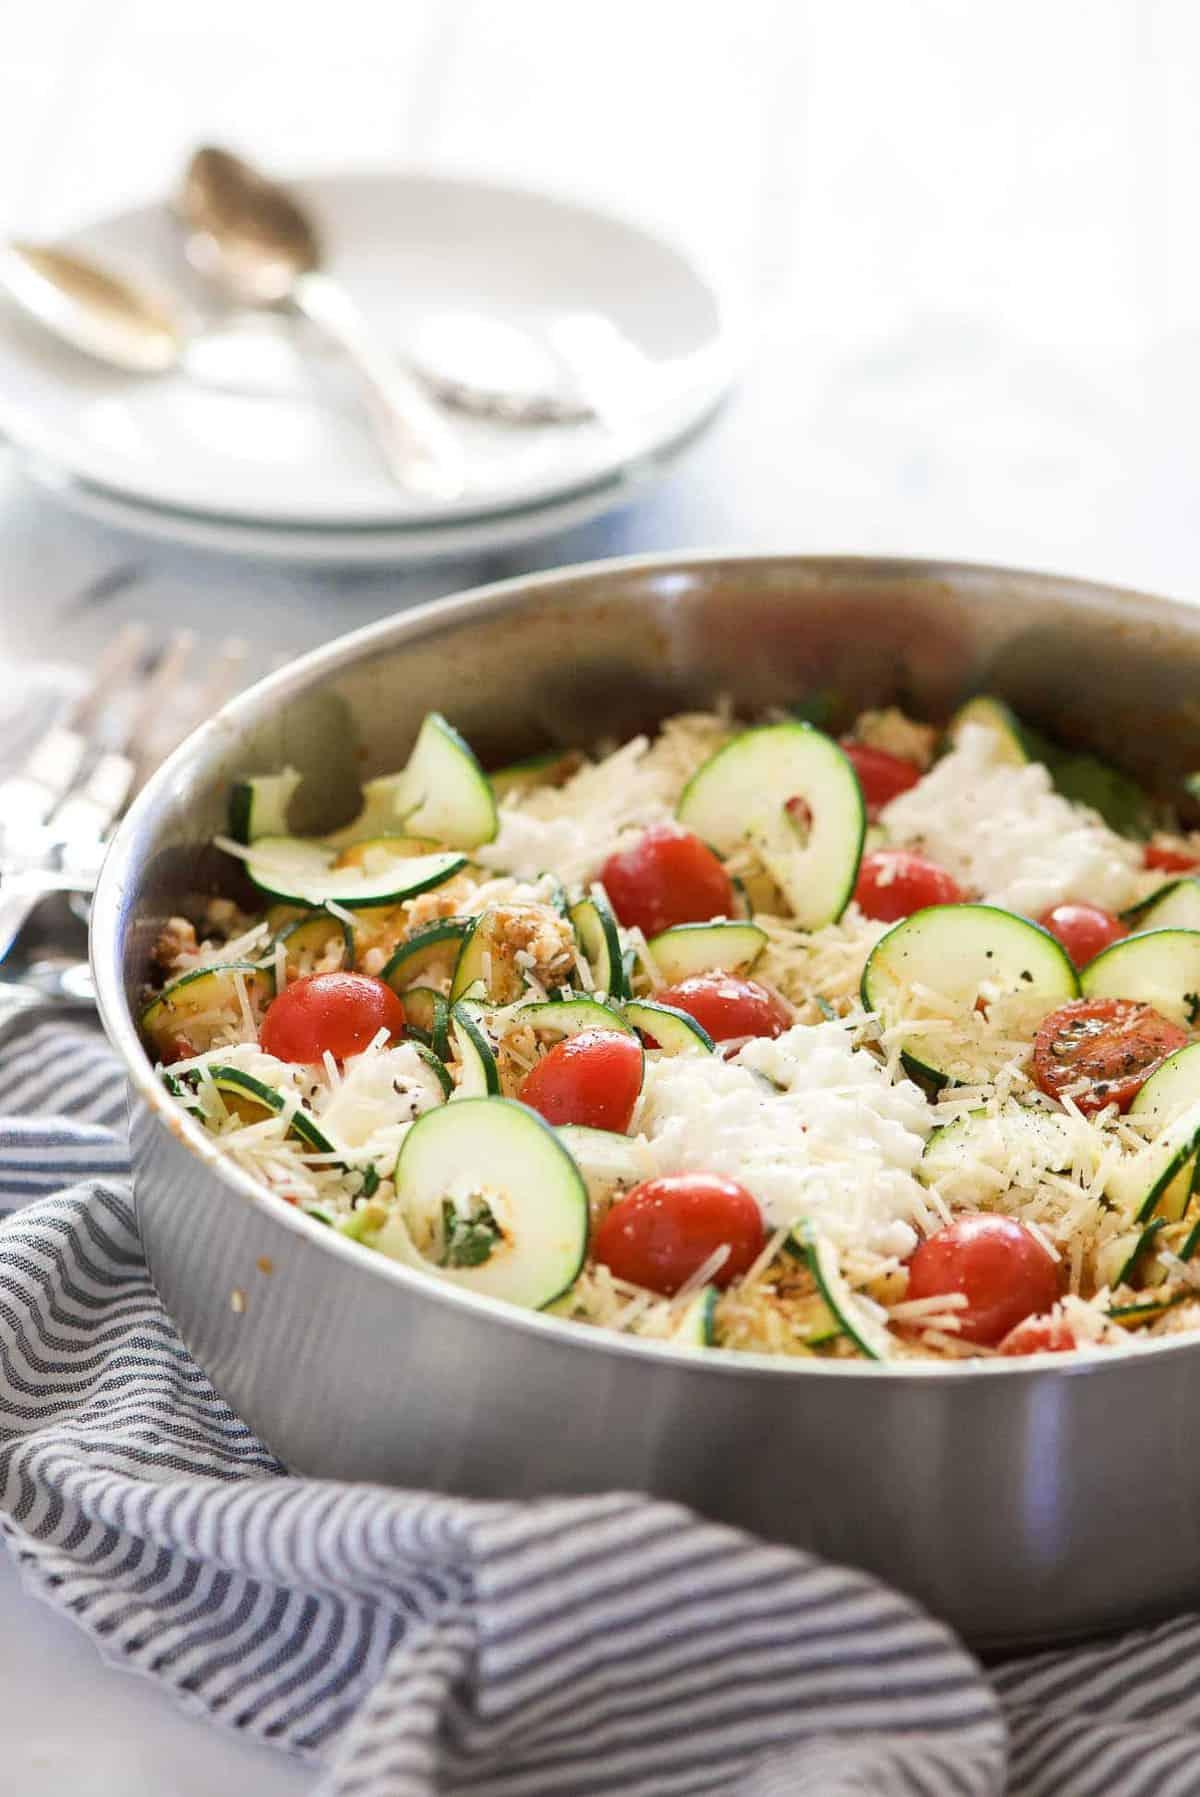 Spinach-and-Artichoke-Skillet-Zucchini-Lasagna-2